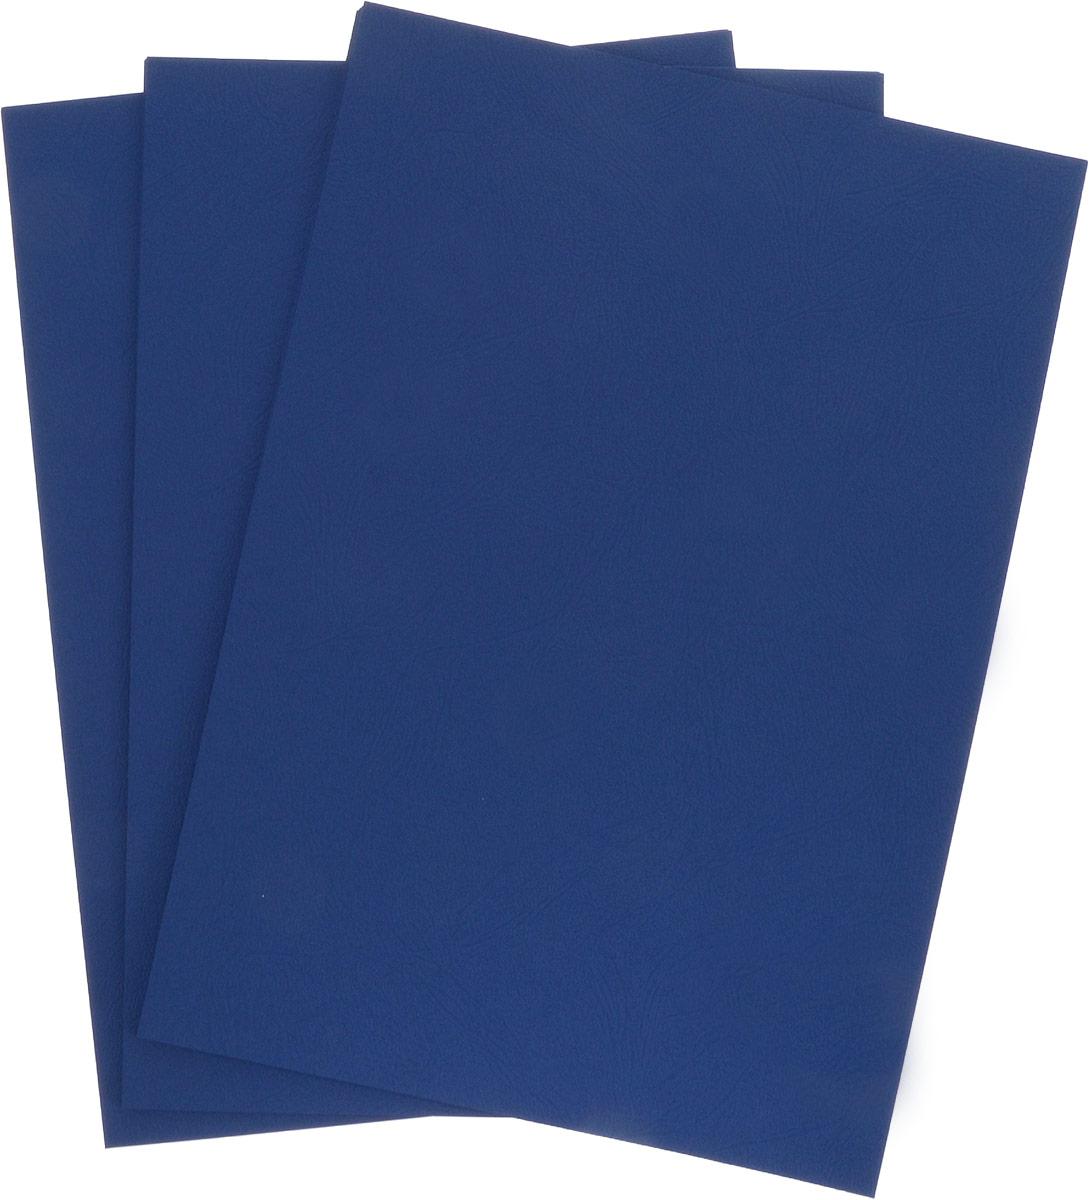 Fellowes FS-53739 Delta A4, Blue обложка для переплета (25 шт)FS-53739Обложка Delta предназначена для оформления документов. Обложка выполнена из картона 250гр/м., тиснением под кожу, 25 штук в розничной упаковке. Идеально подходит как для переплета на пластиковую, так и на металлическую пружины.